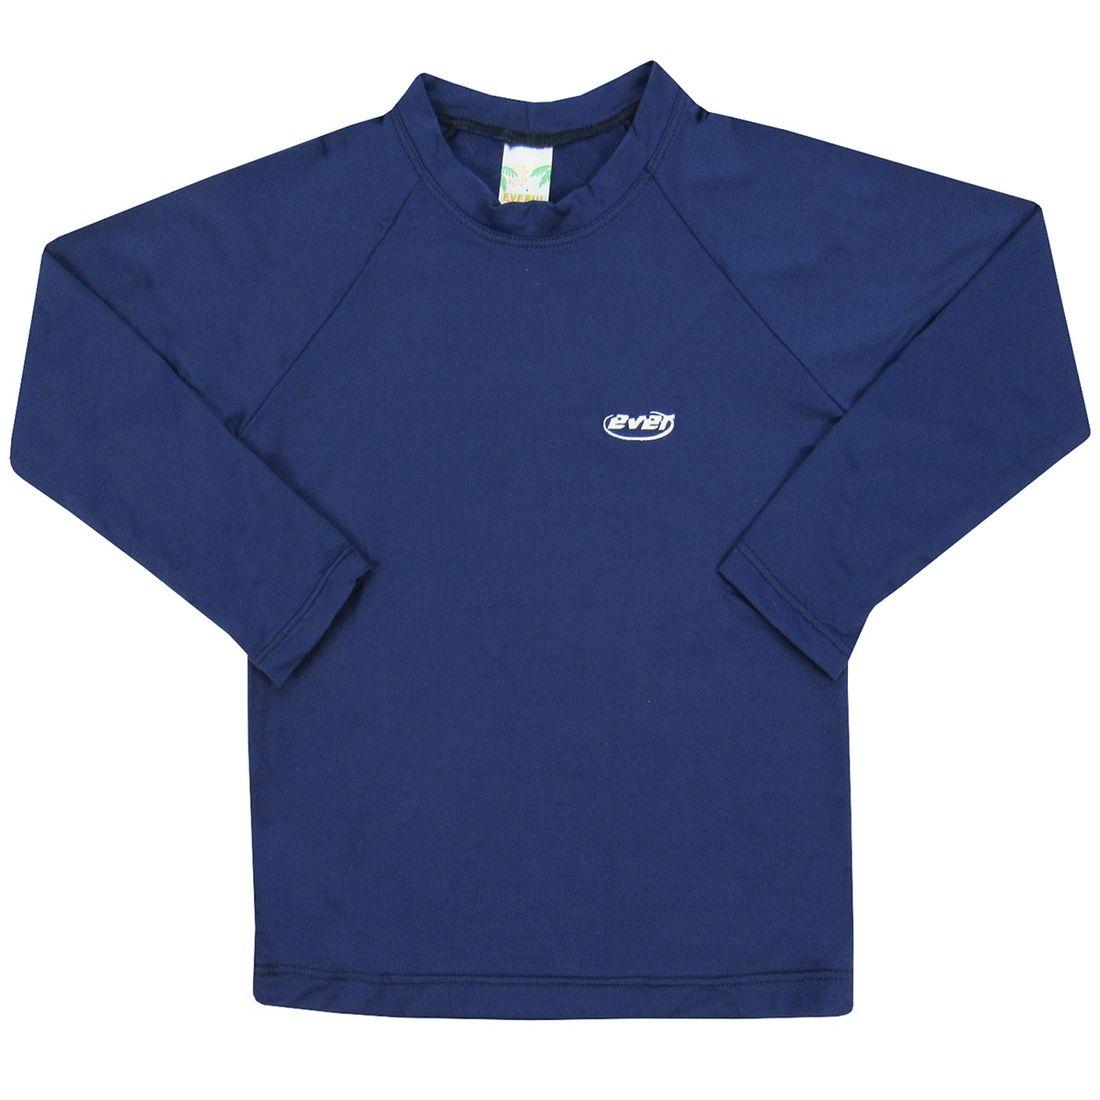 Camiseta Infantil Manga Longa Masculina Azul Marinho com Proteção ... 0804612d7d3